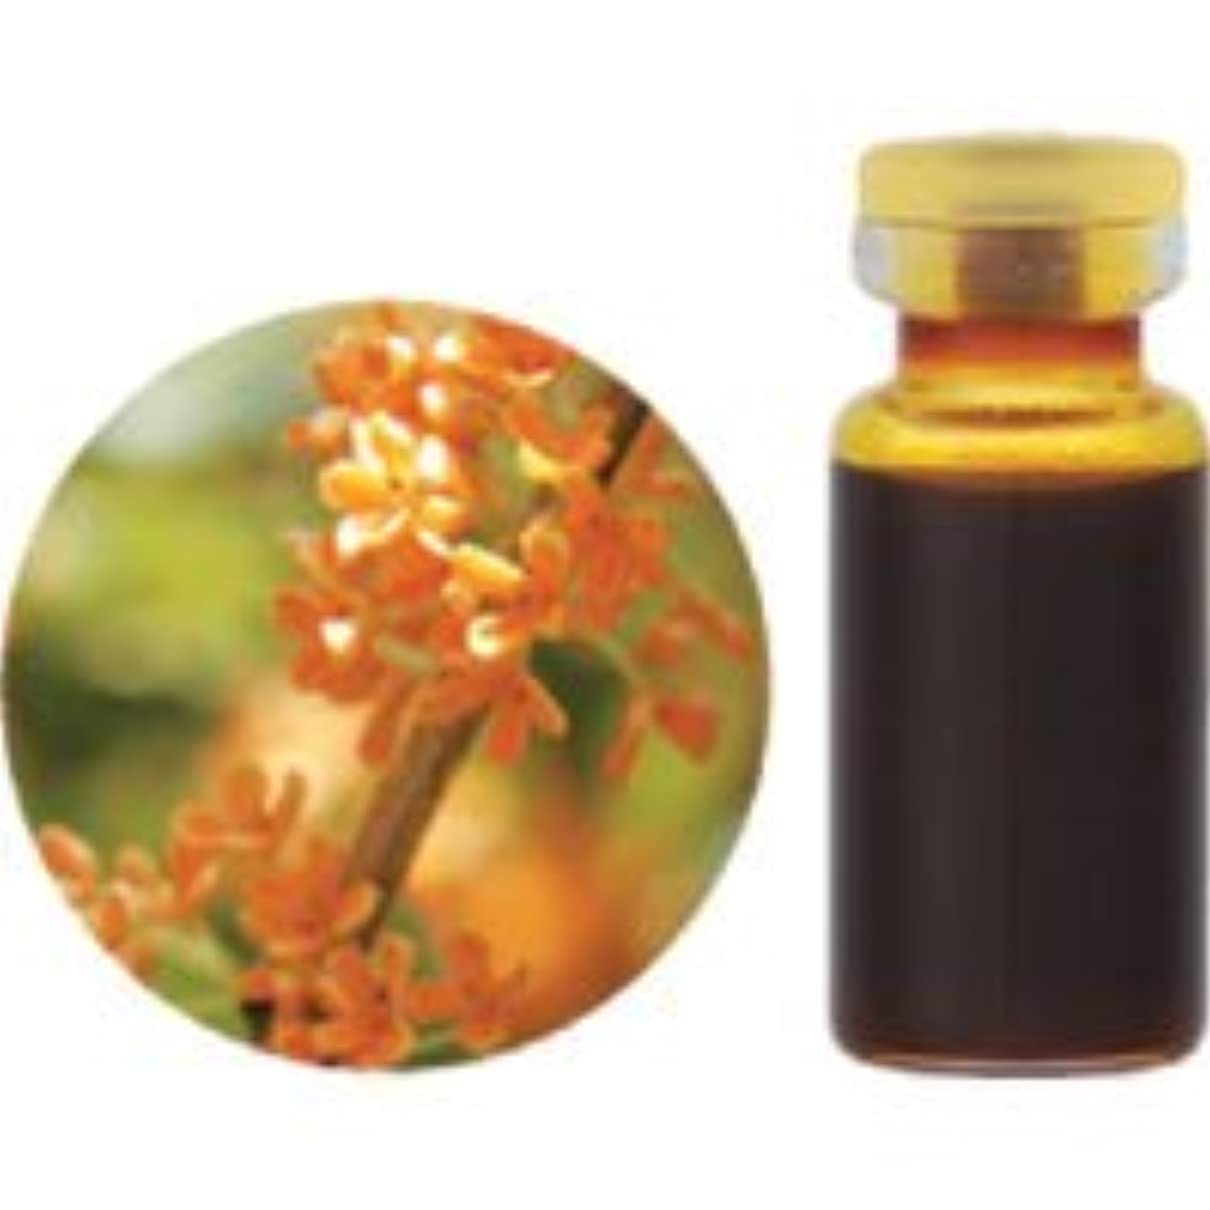 薬用シャット満了生活の木 キンモクセイAbs. 1ml [金木犀] エッセンシャルオイル/精油